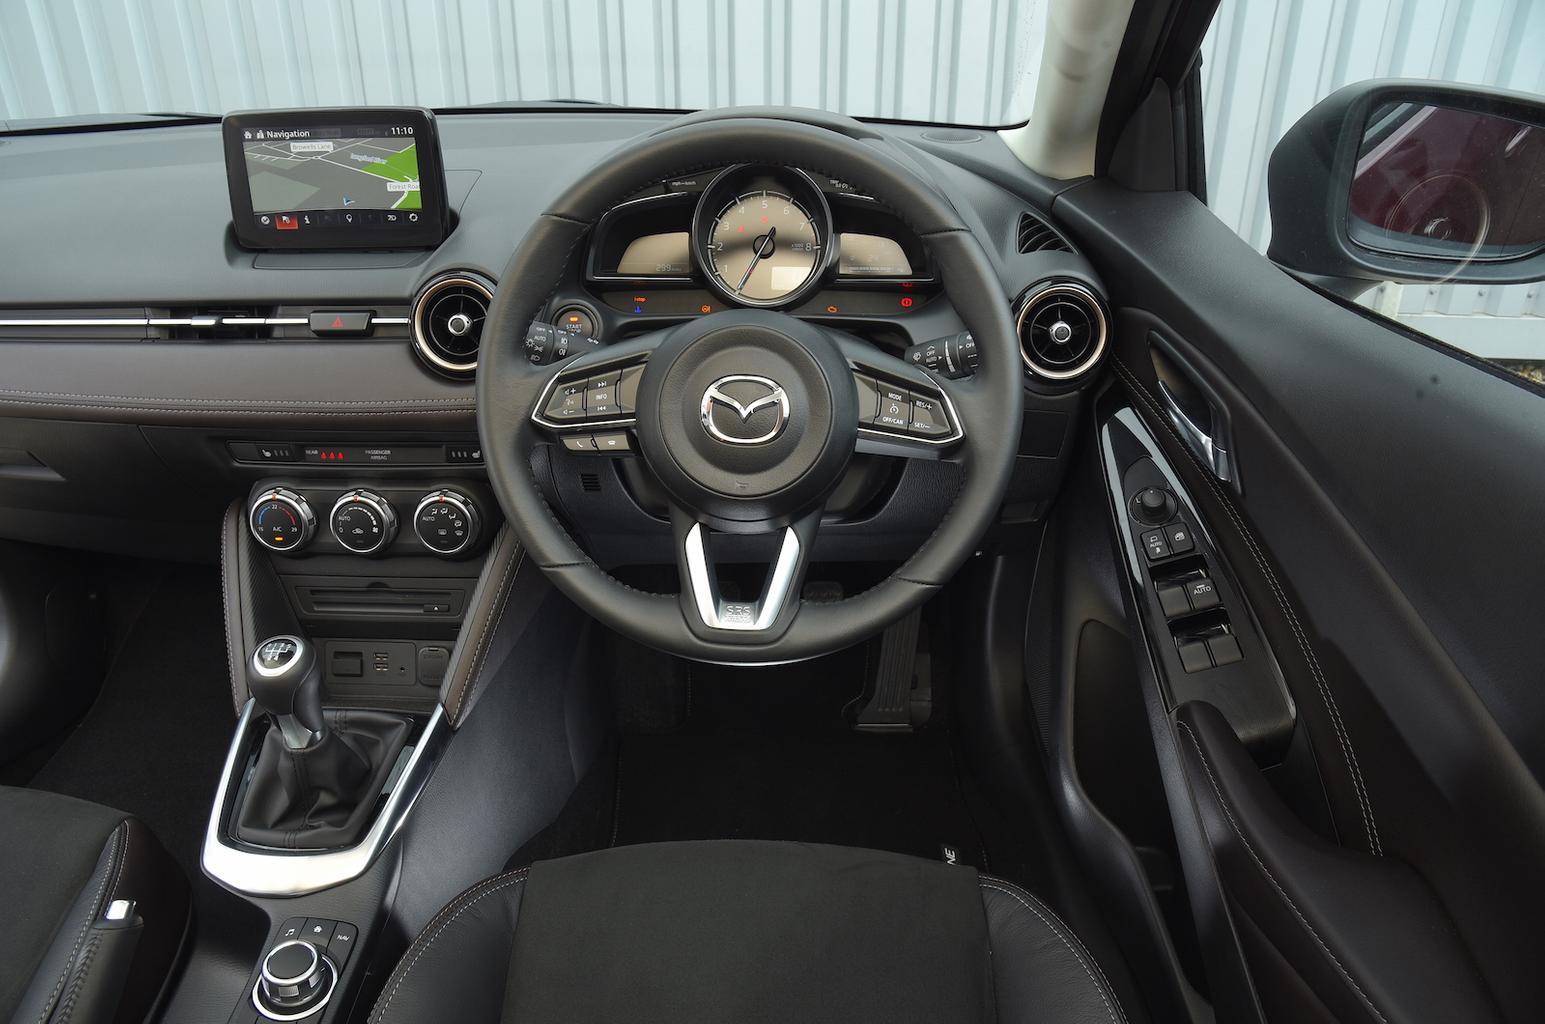 Mazda 2 1.5 Skyactiv-G 90 GT 2017 review